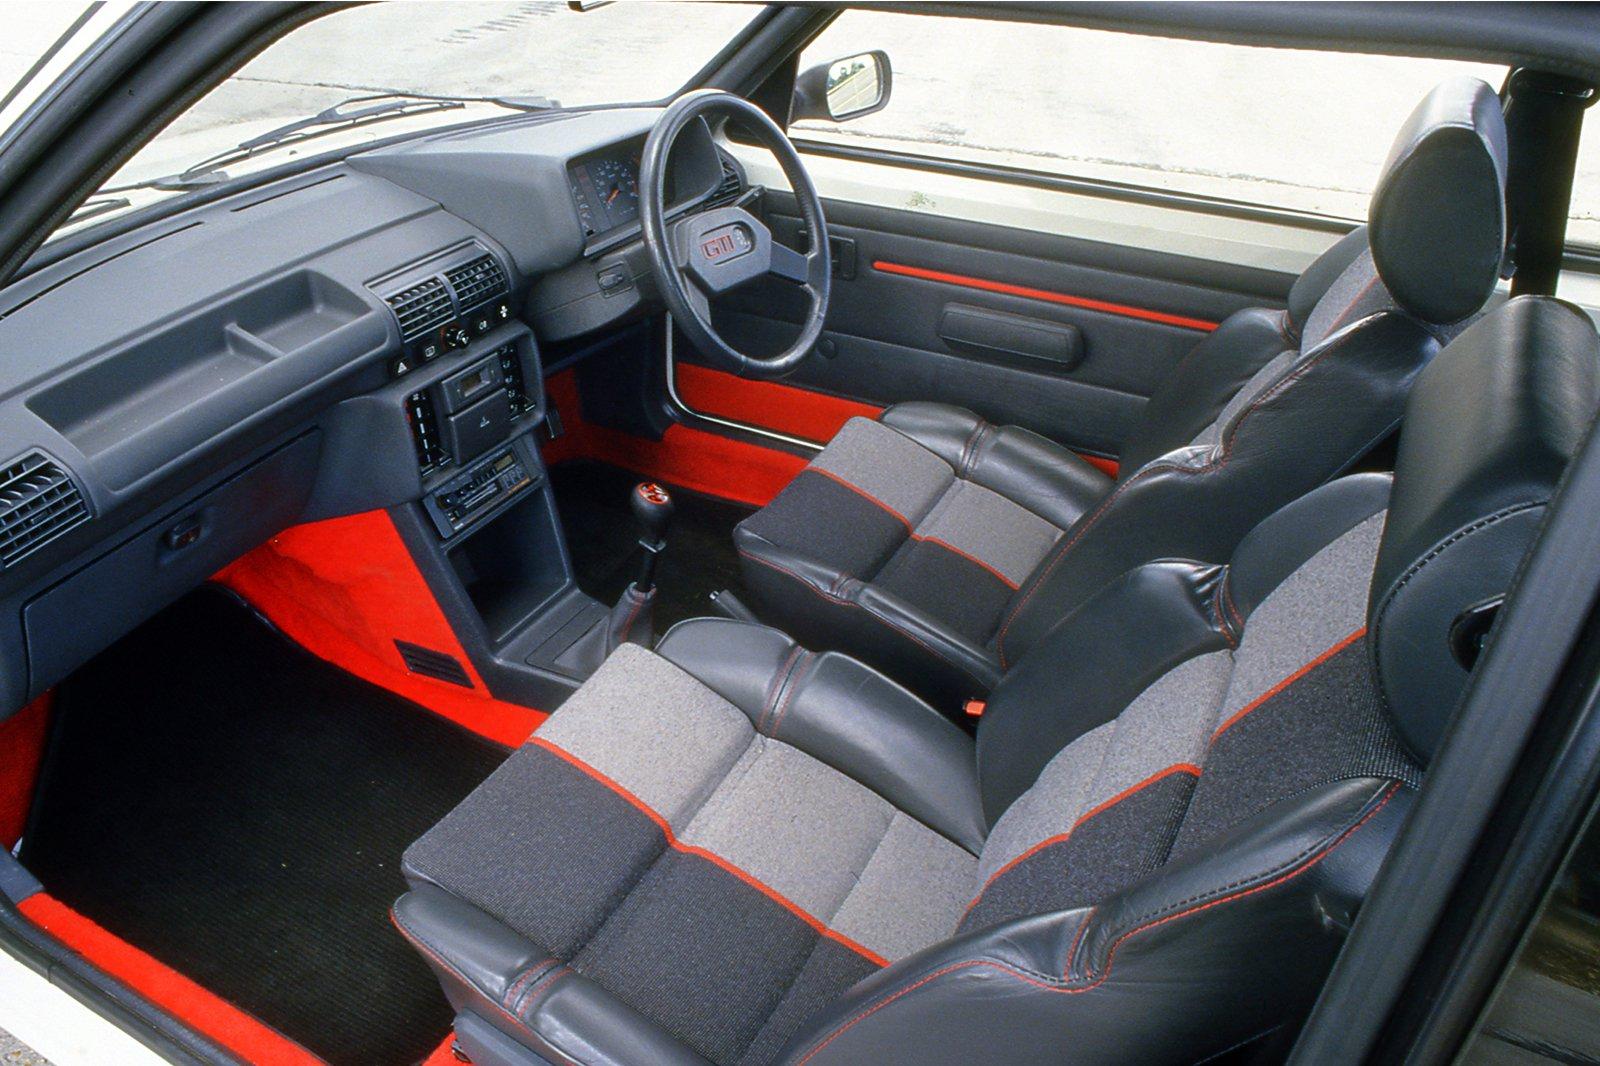 205 GTI interior